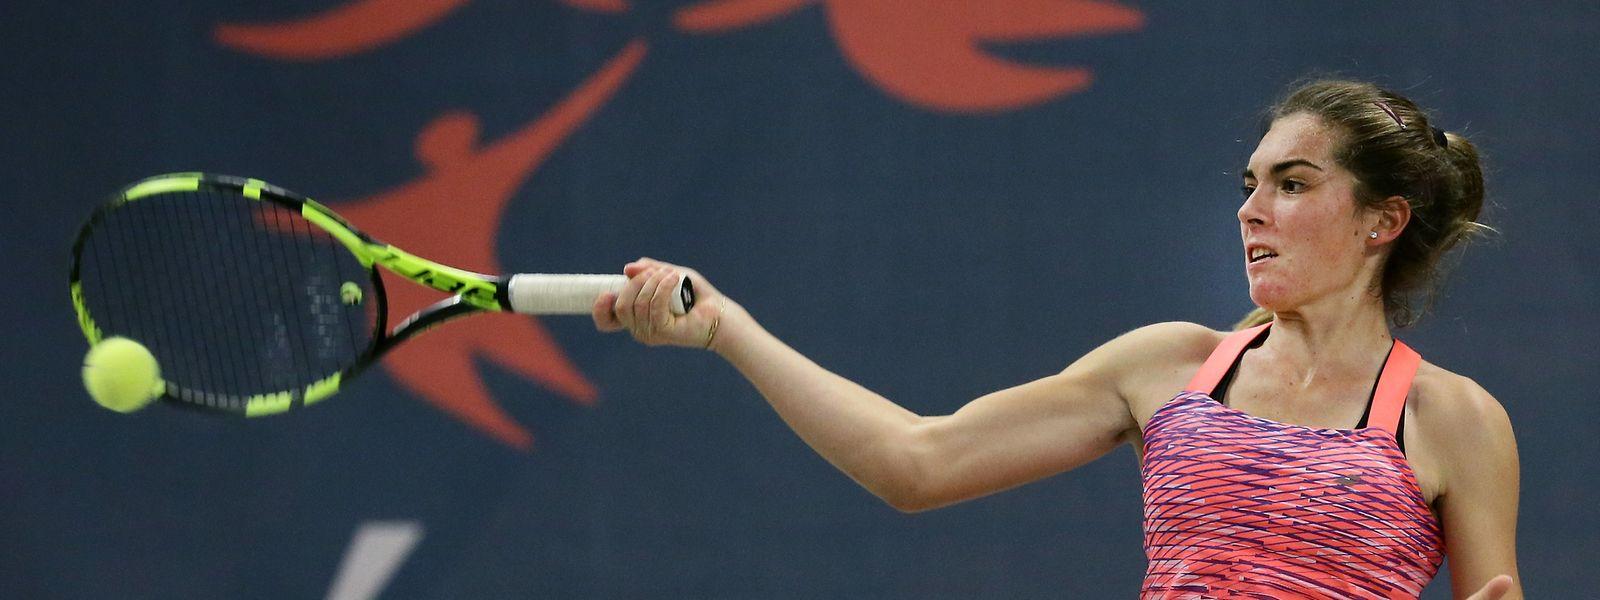 Eléonora Molinaro steht zurzeit auf Rang 438 der Weltrangliste.